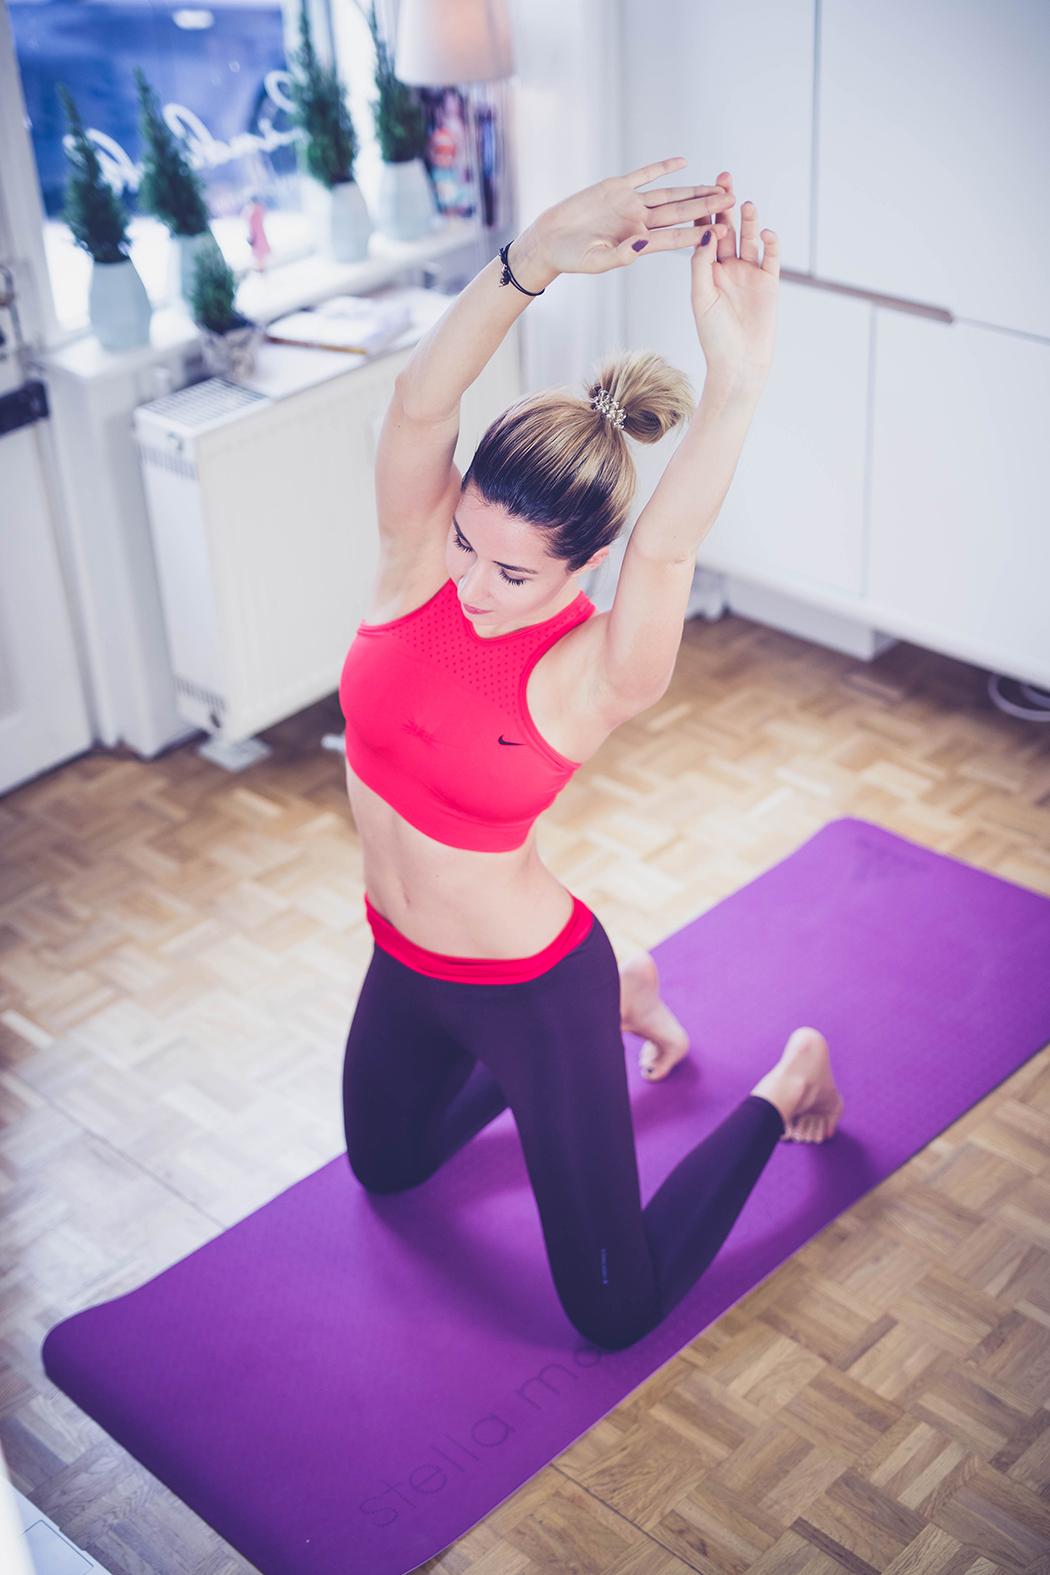 Fitnessblog-Fitnessblogger-Fitness-Blog-Blogger-Gymondo-Testbericht-Erfahrungen-Gutschein-Code-Rabatt-Lindarella-7-web